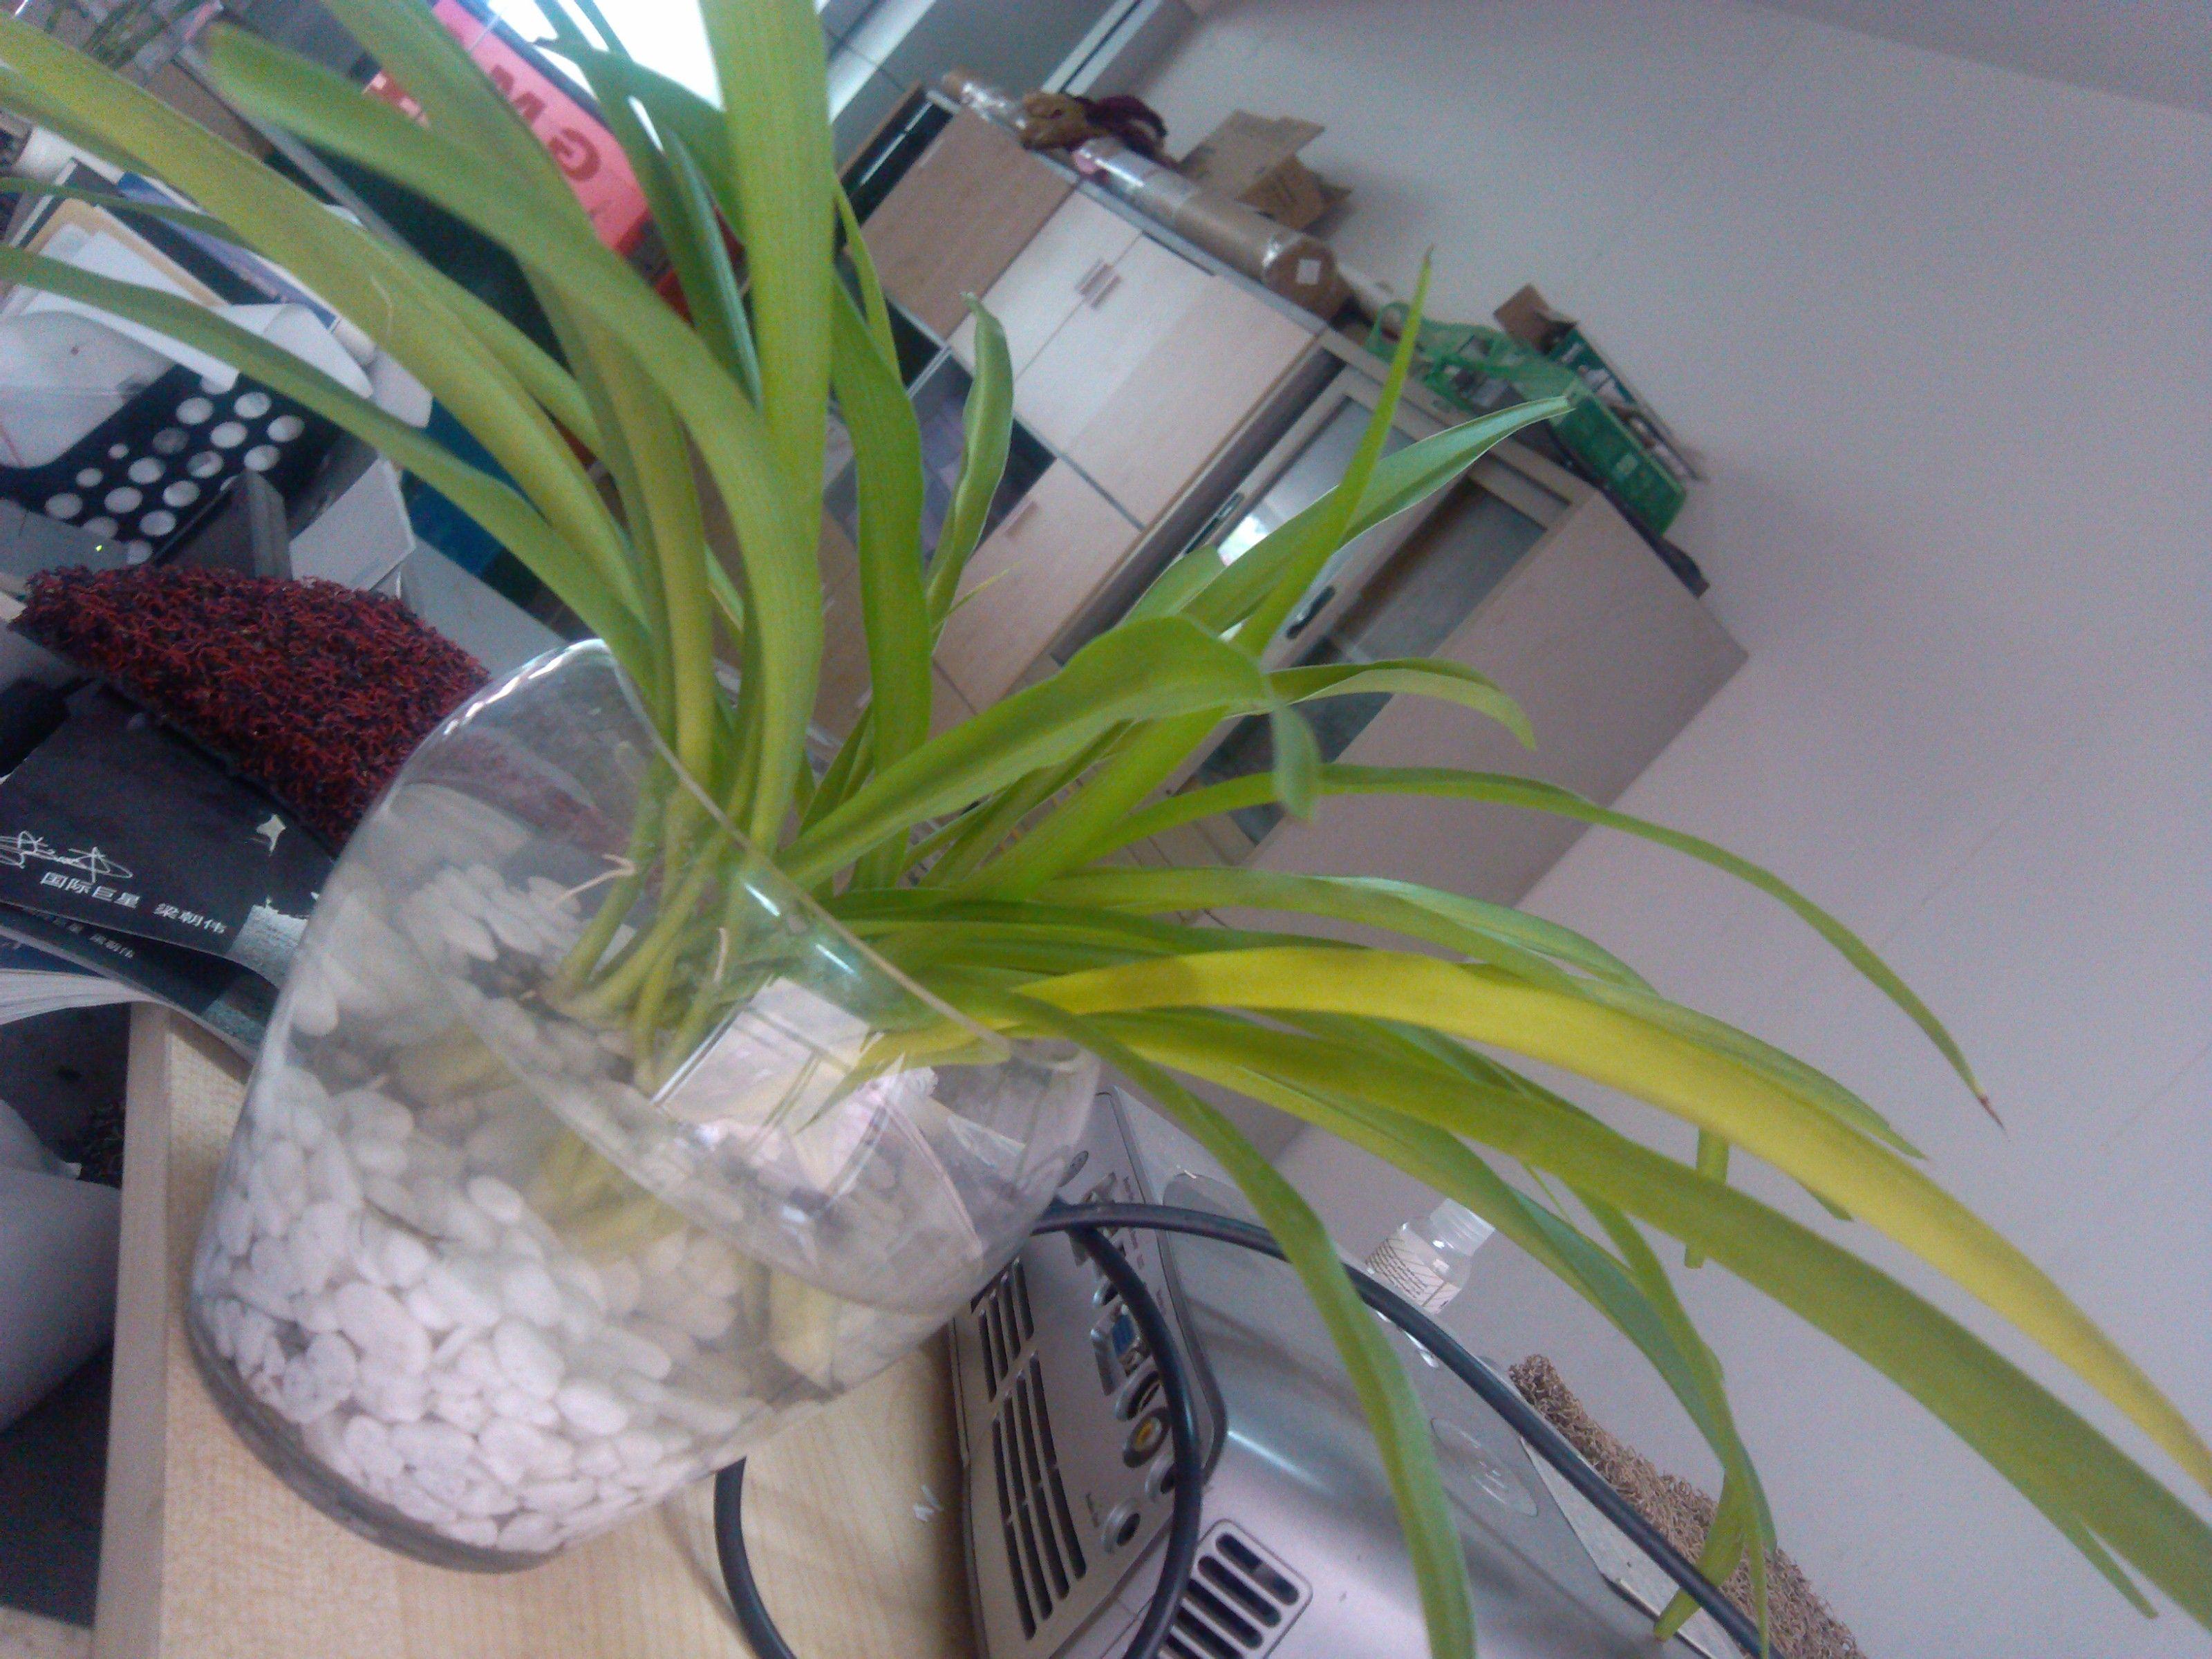 如何识别花木烂根看盆土在夏秋季节,生长正常的花木,在晴好天气每天浇1次透水,到了第二天同一时间检查盆土,盆土发干显露微白则根系正常;若不见其盆土收干发白,仍然呈潮湿状态,则说